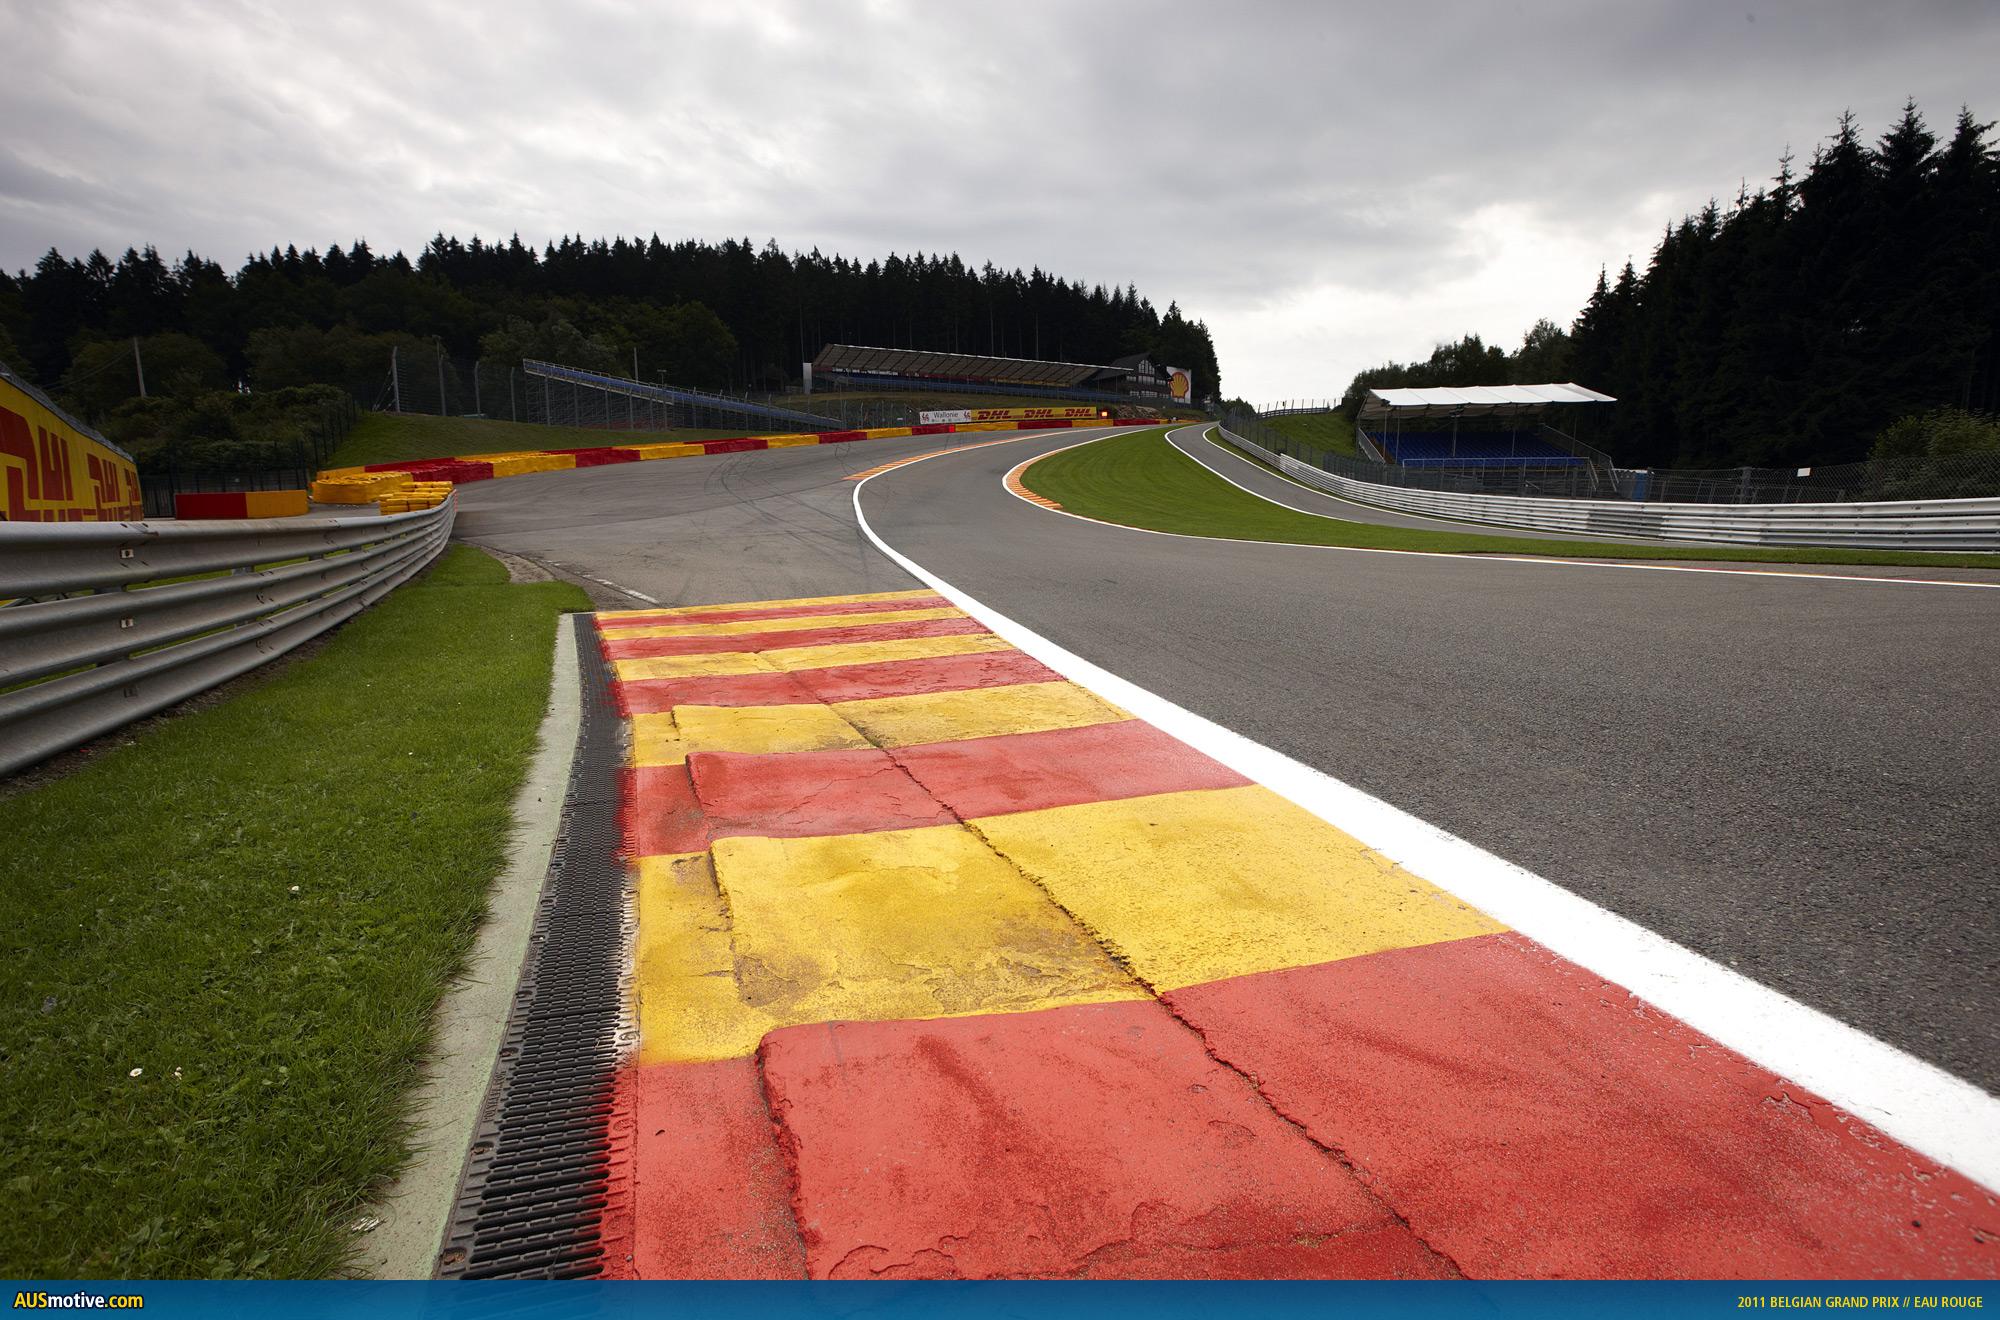 f1 track wallpaper - photo #25